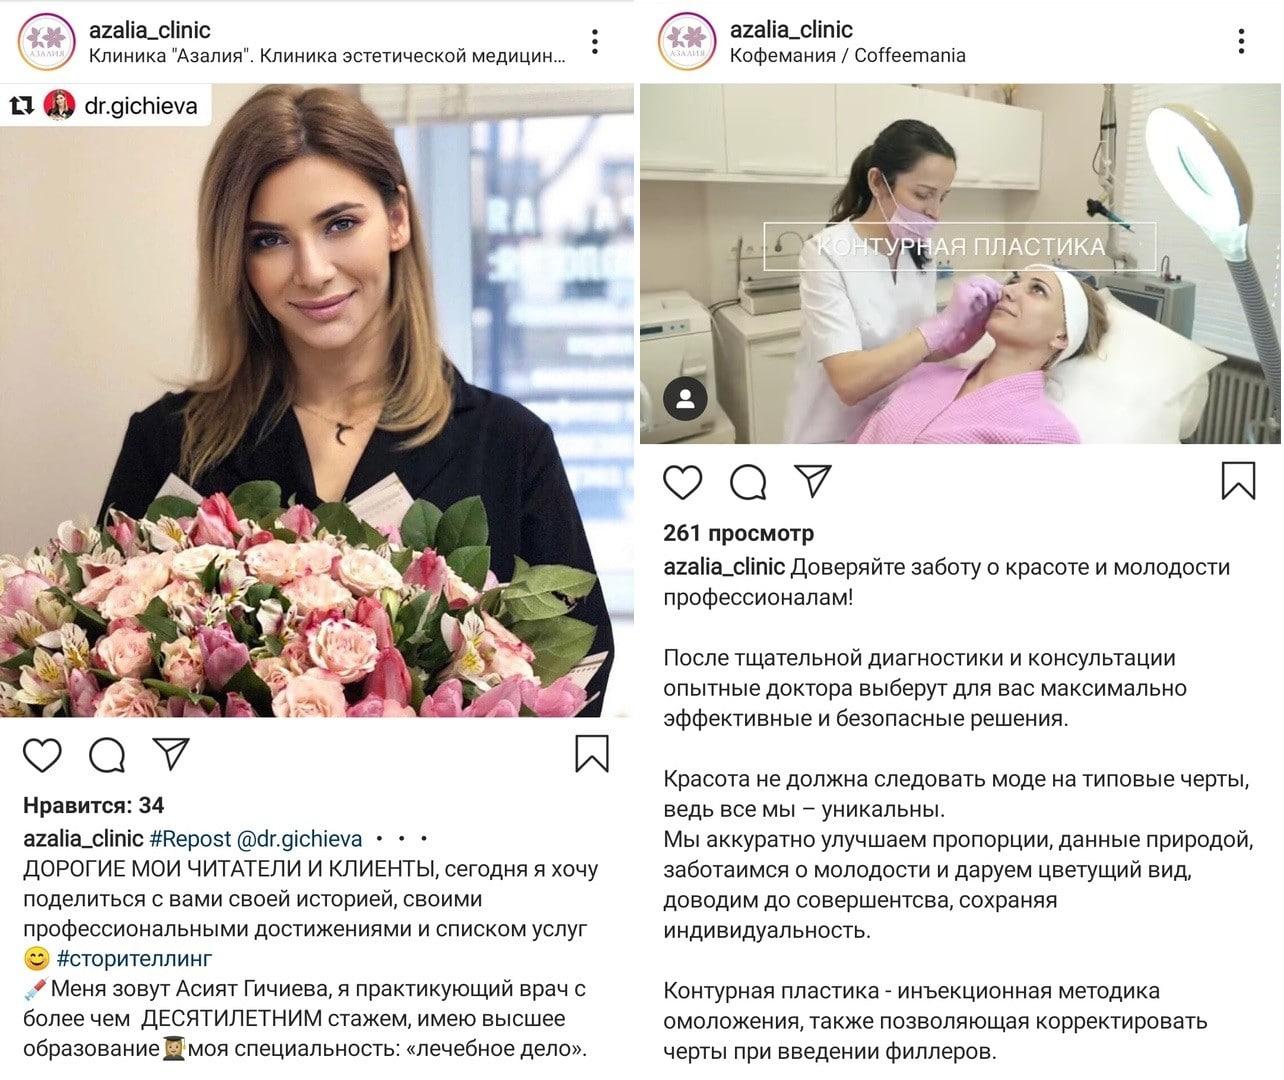 посты в инстаграм клиники Азалия